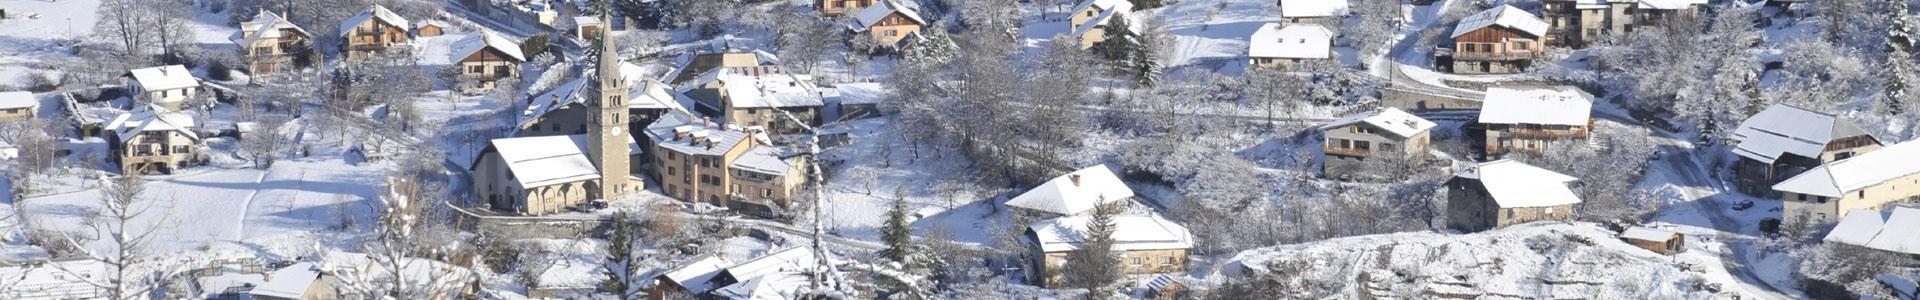 risoul-tetiere-alentours-heameaux-risoul-hiver-2593